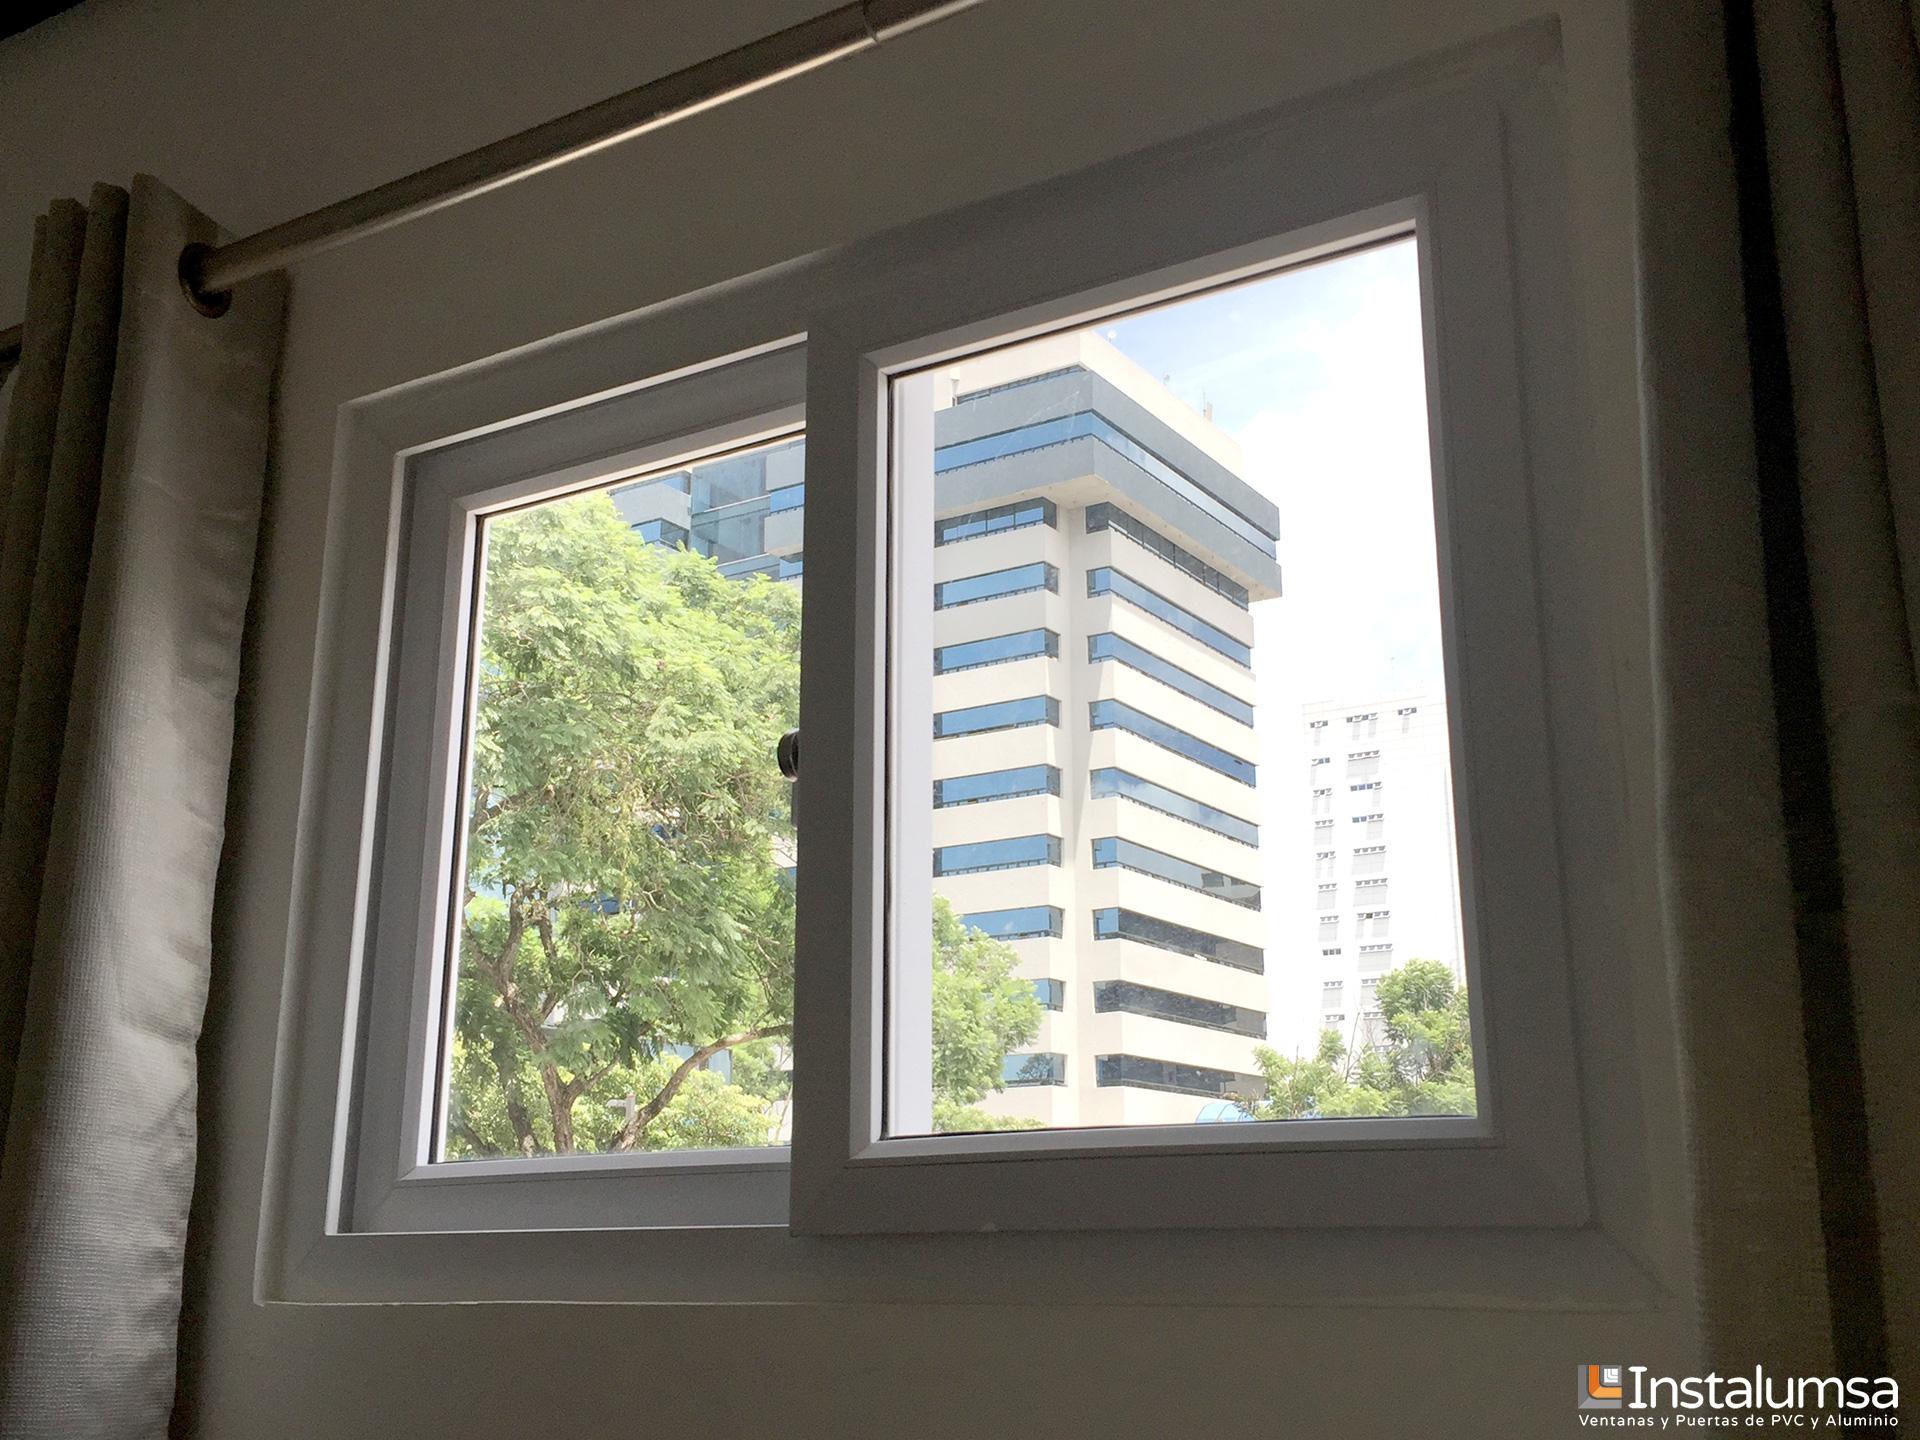 Precio ventana pvc simple ventana pvc ventana pvc with for Precio ventanas aluminio a medida